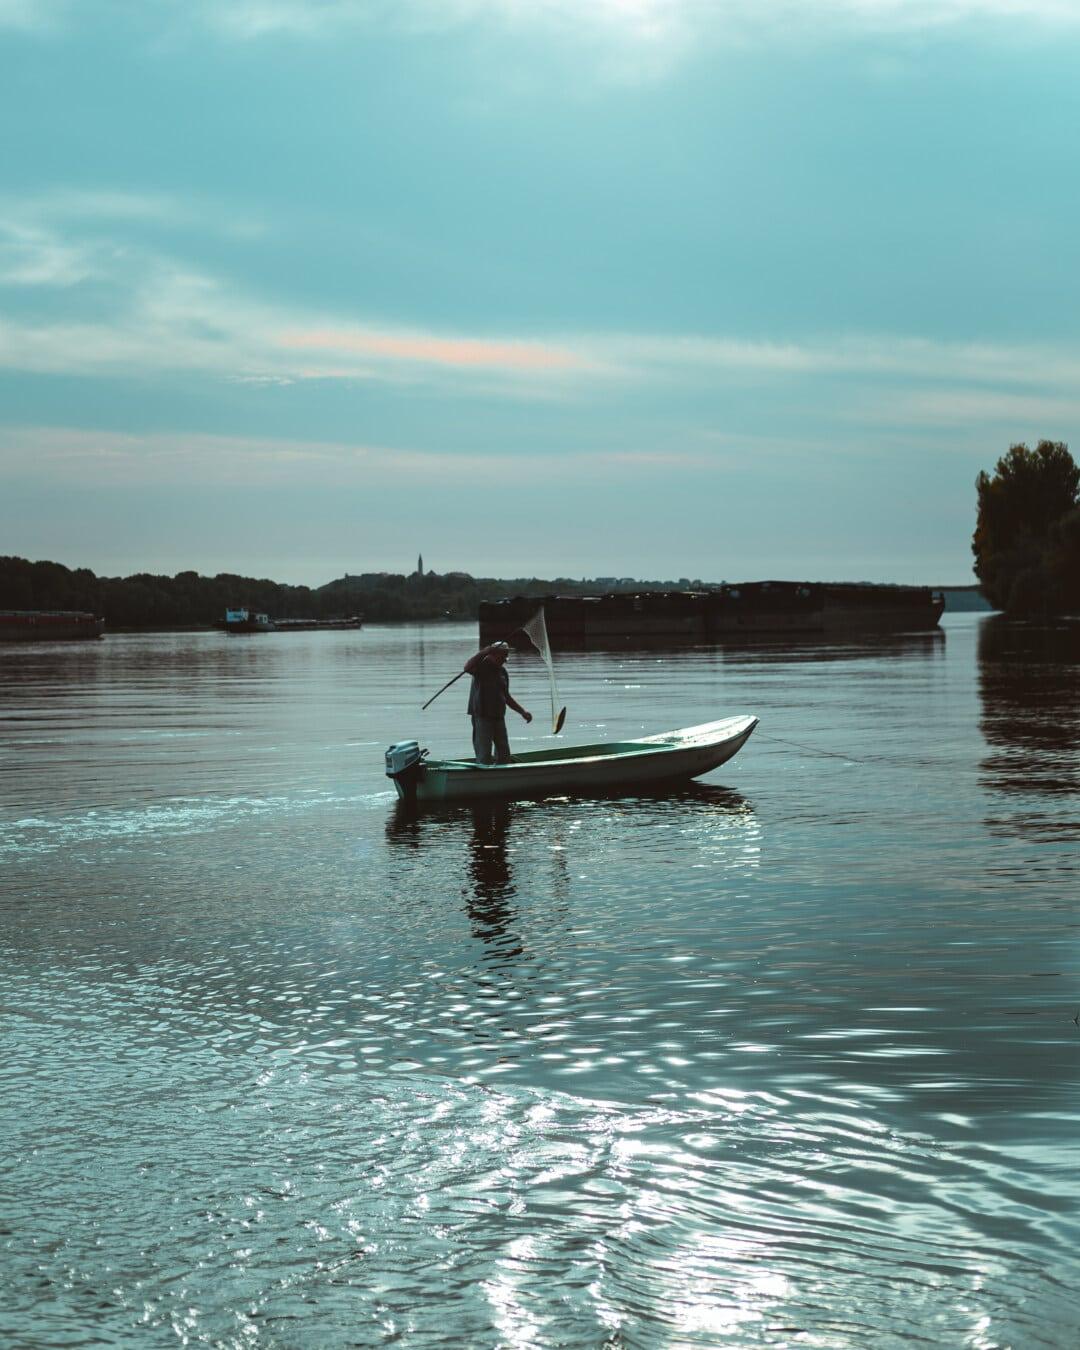 kalastaja, kalastusvene, Kalastus, proomu, rahtilaiva, Tonavan, joki, vesi, vene, Vesijetti